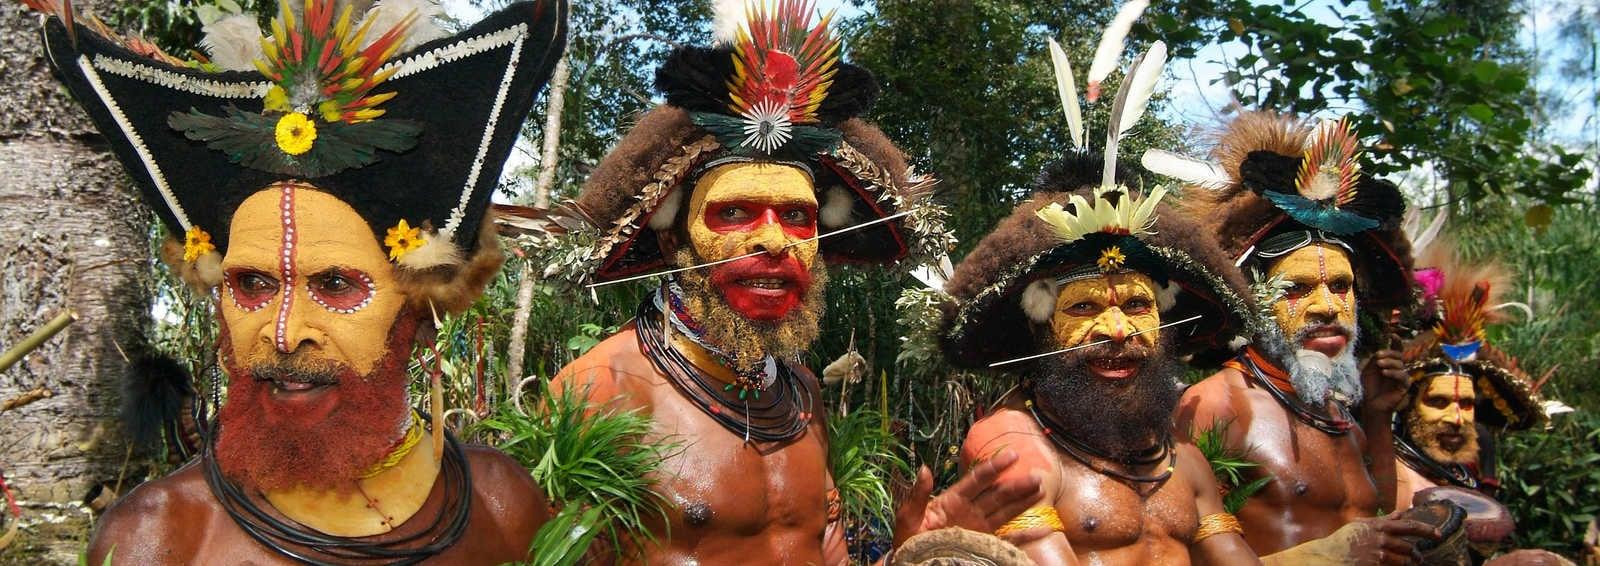 Huli Wigmen, Oceania